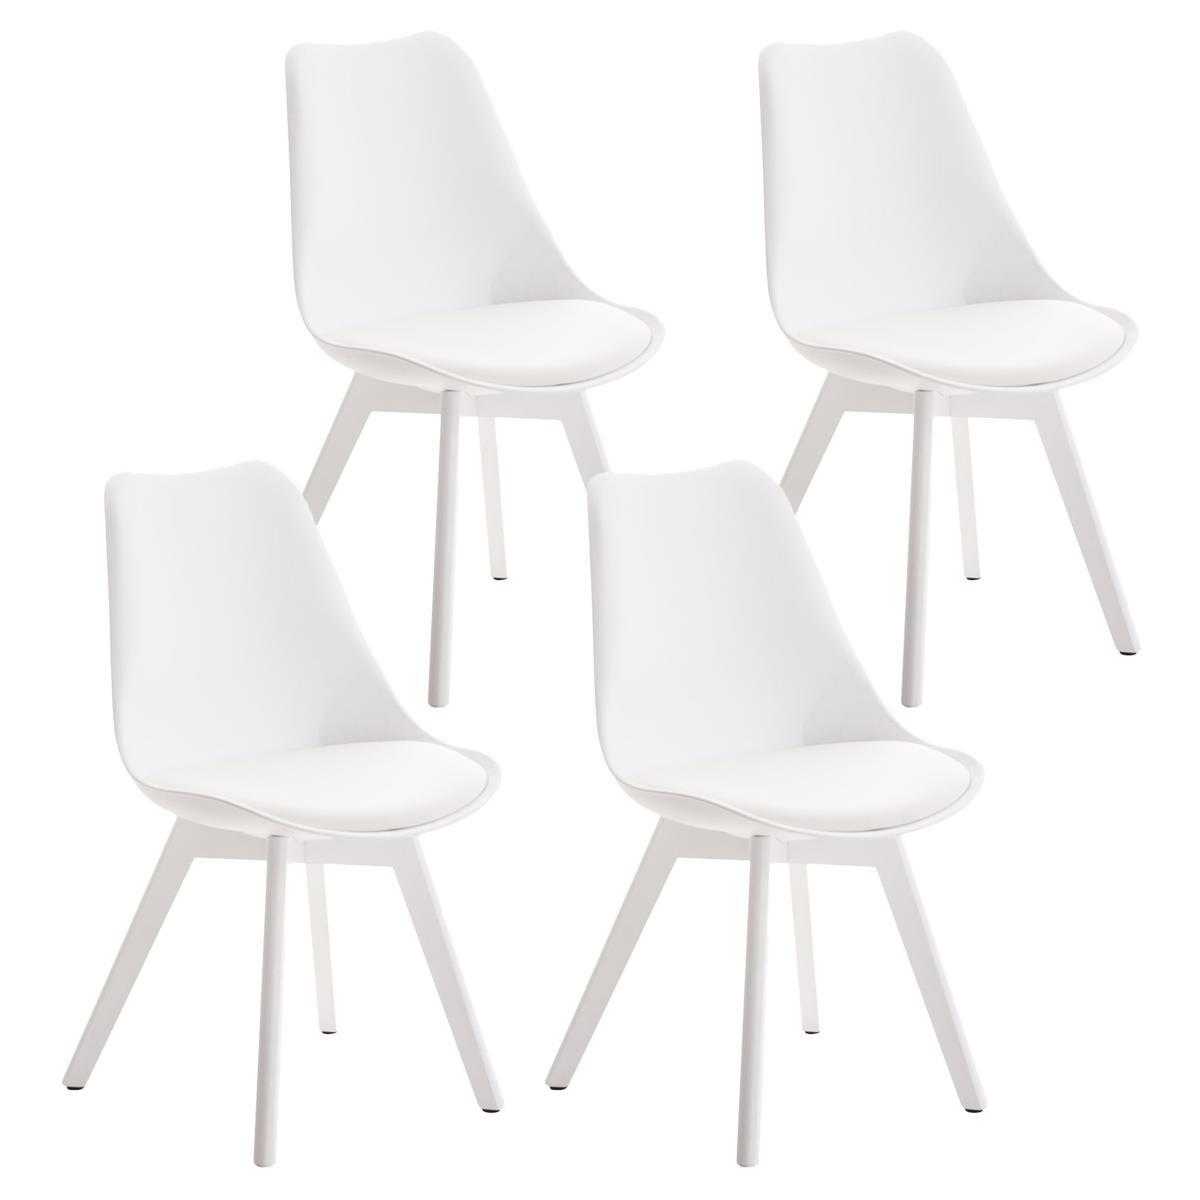 Sillas blancas comedor silla moderna tribecca polipiel for Sillas blancas de madera tapizadas